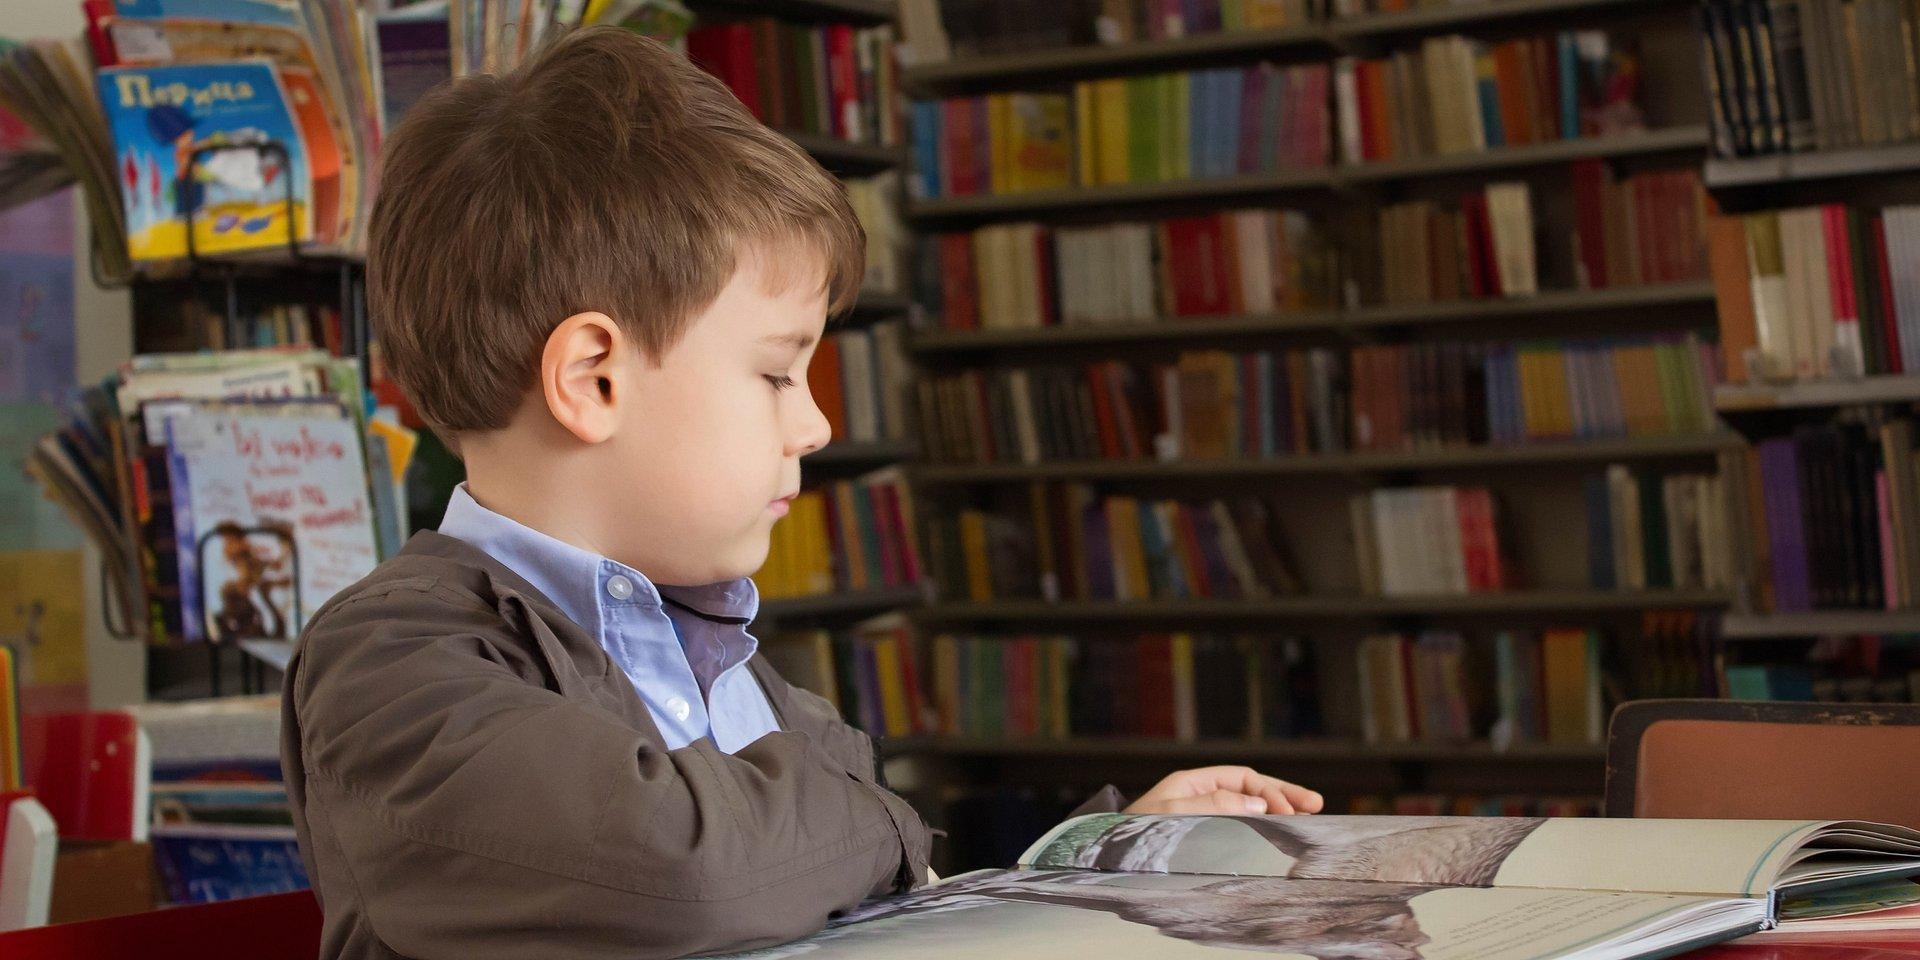 W jaki sposób wesprzeć dziecko w pierwszych dniach nauki w szkole? Porady dla nauczycieli i rodziców